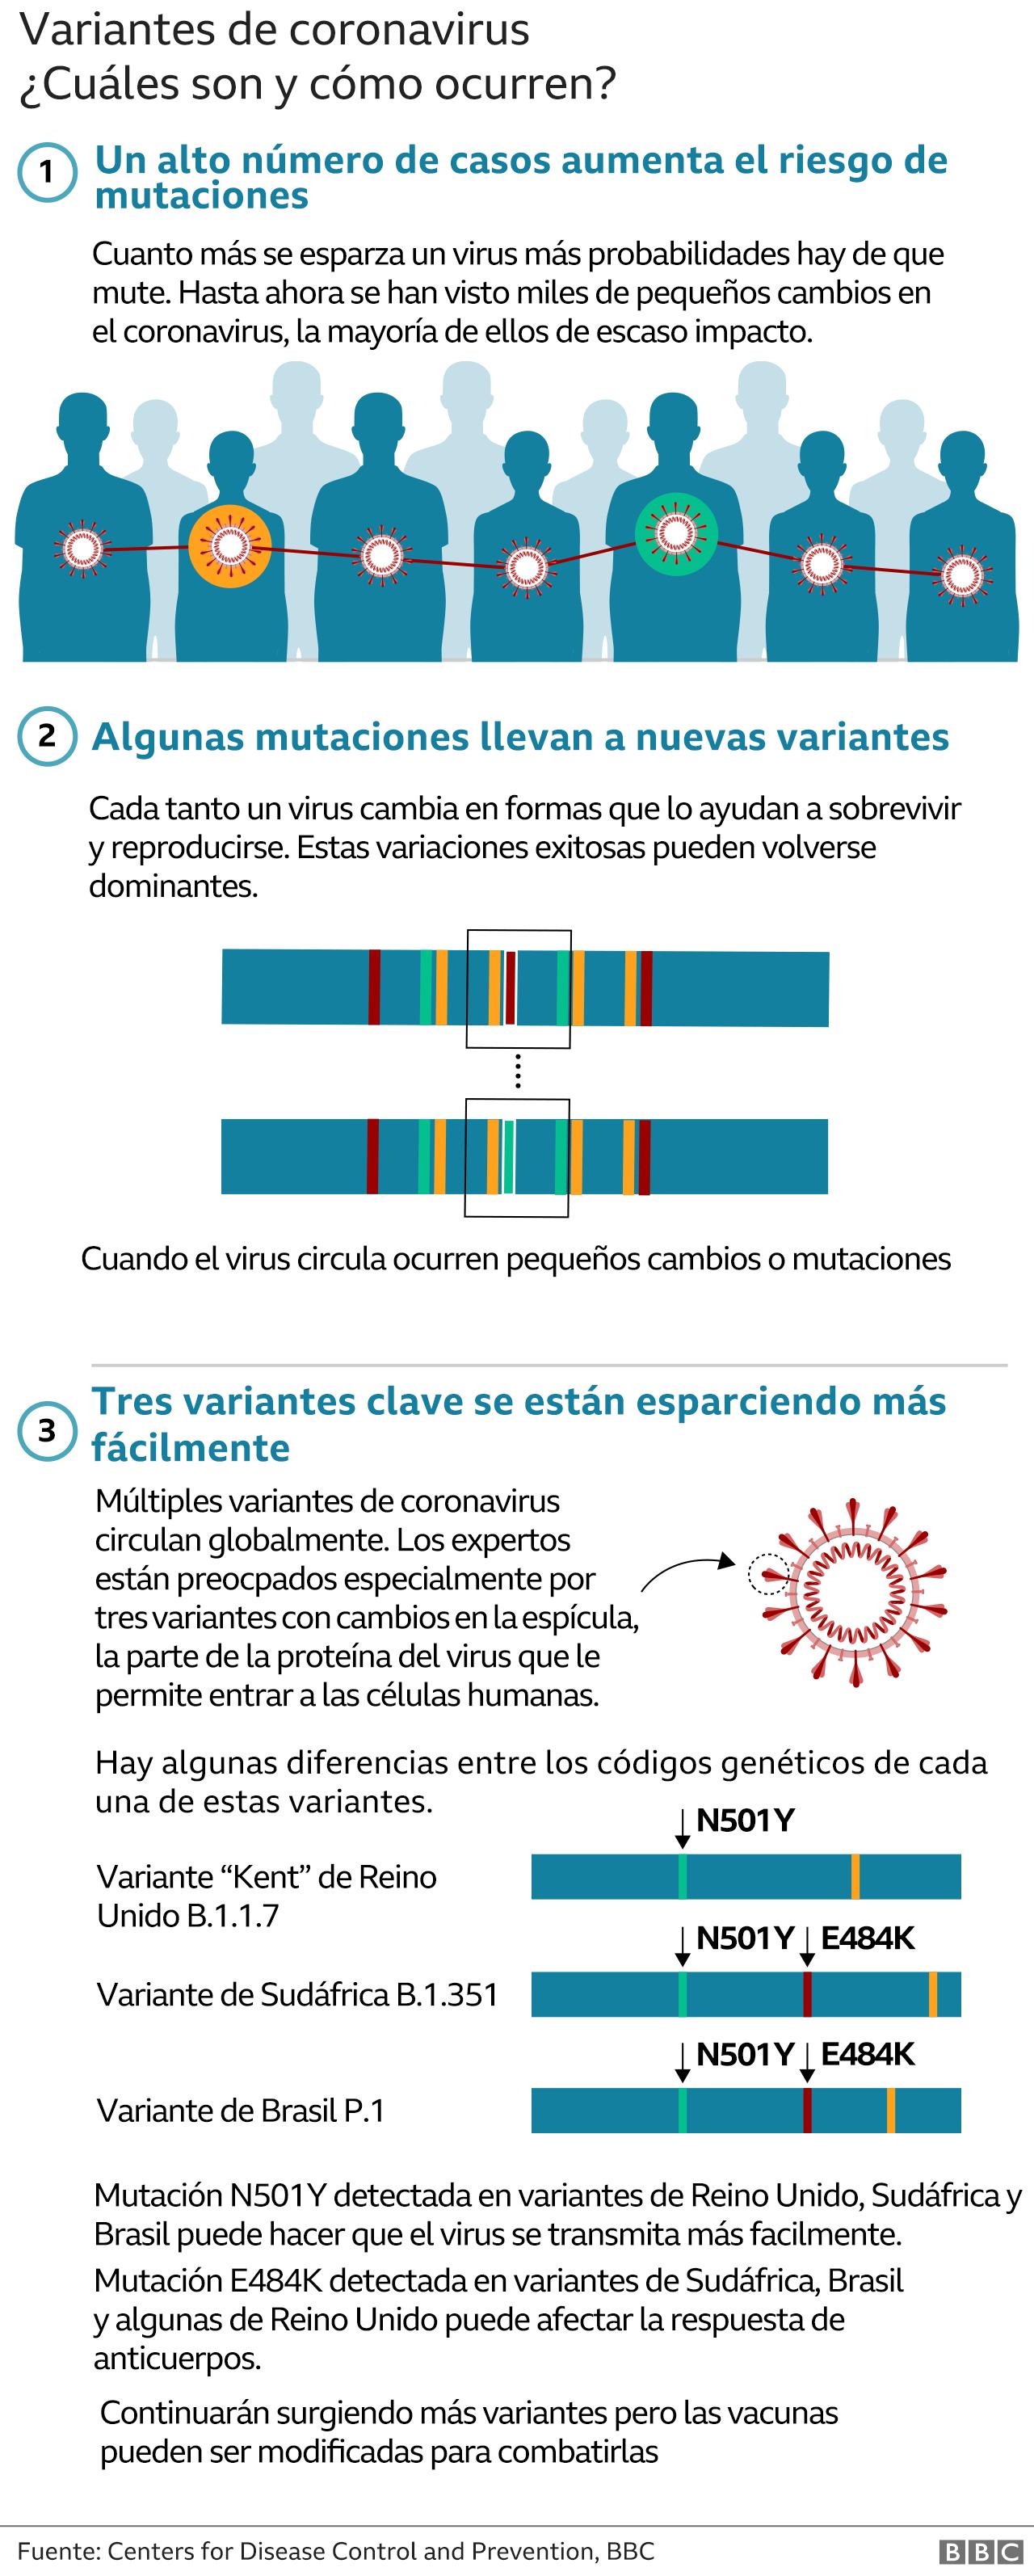 Gráfico sobre las nuevas variantes de coronavirus